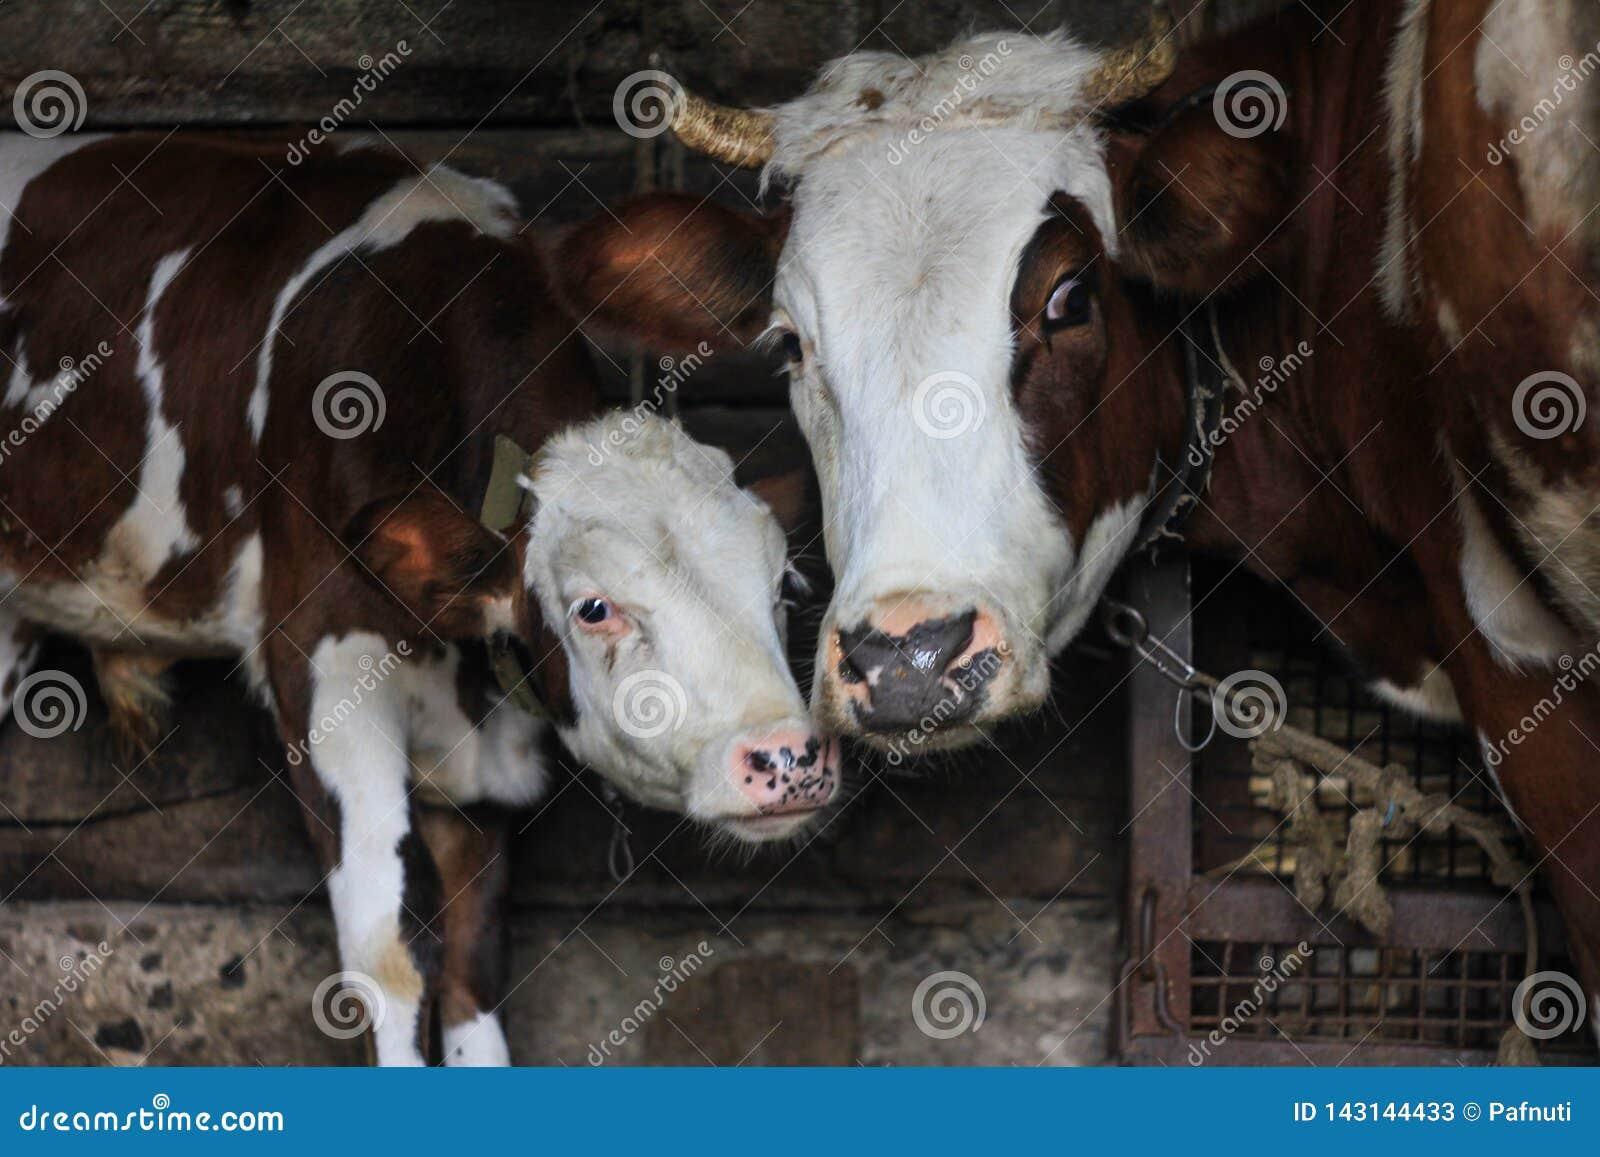 Αγελάδα και μόσχος κινηματογραφήσεων σε πρώτο πλάνο σε ένα αγρόκτημα Έννοια: αναπαραγωγή, αγάπη για τα ζώα